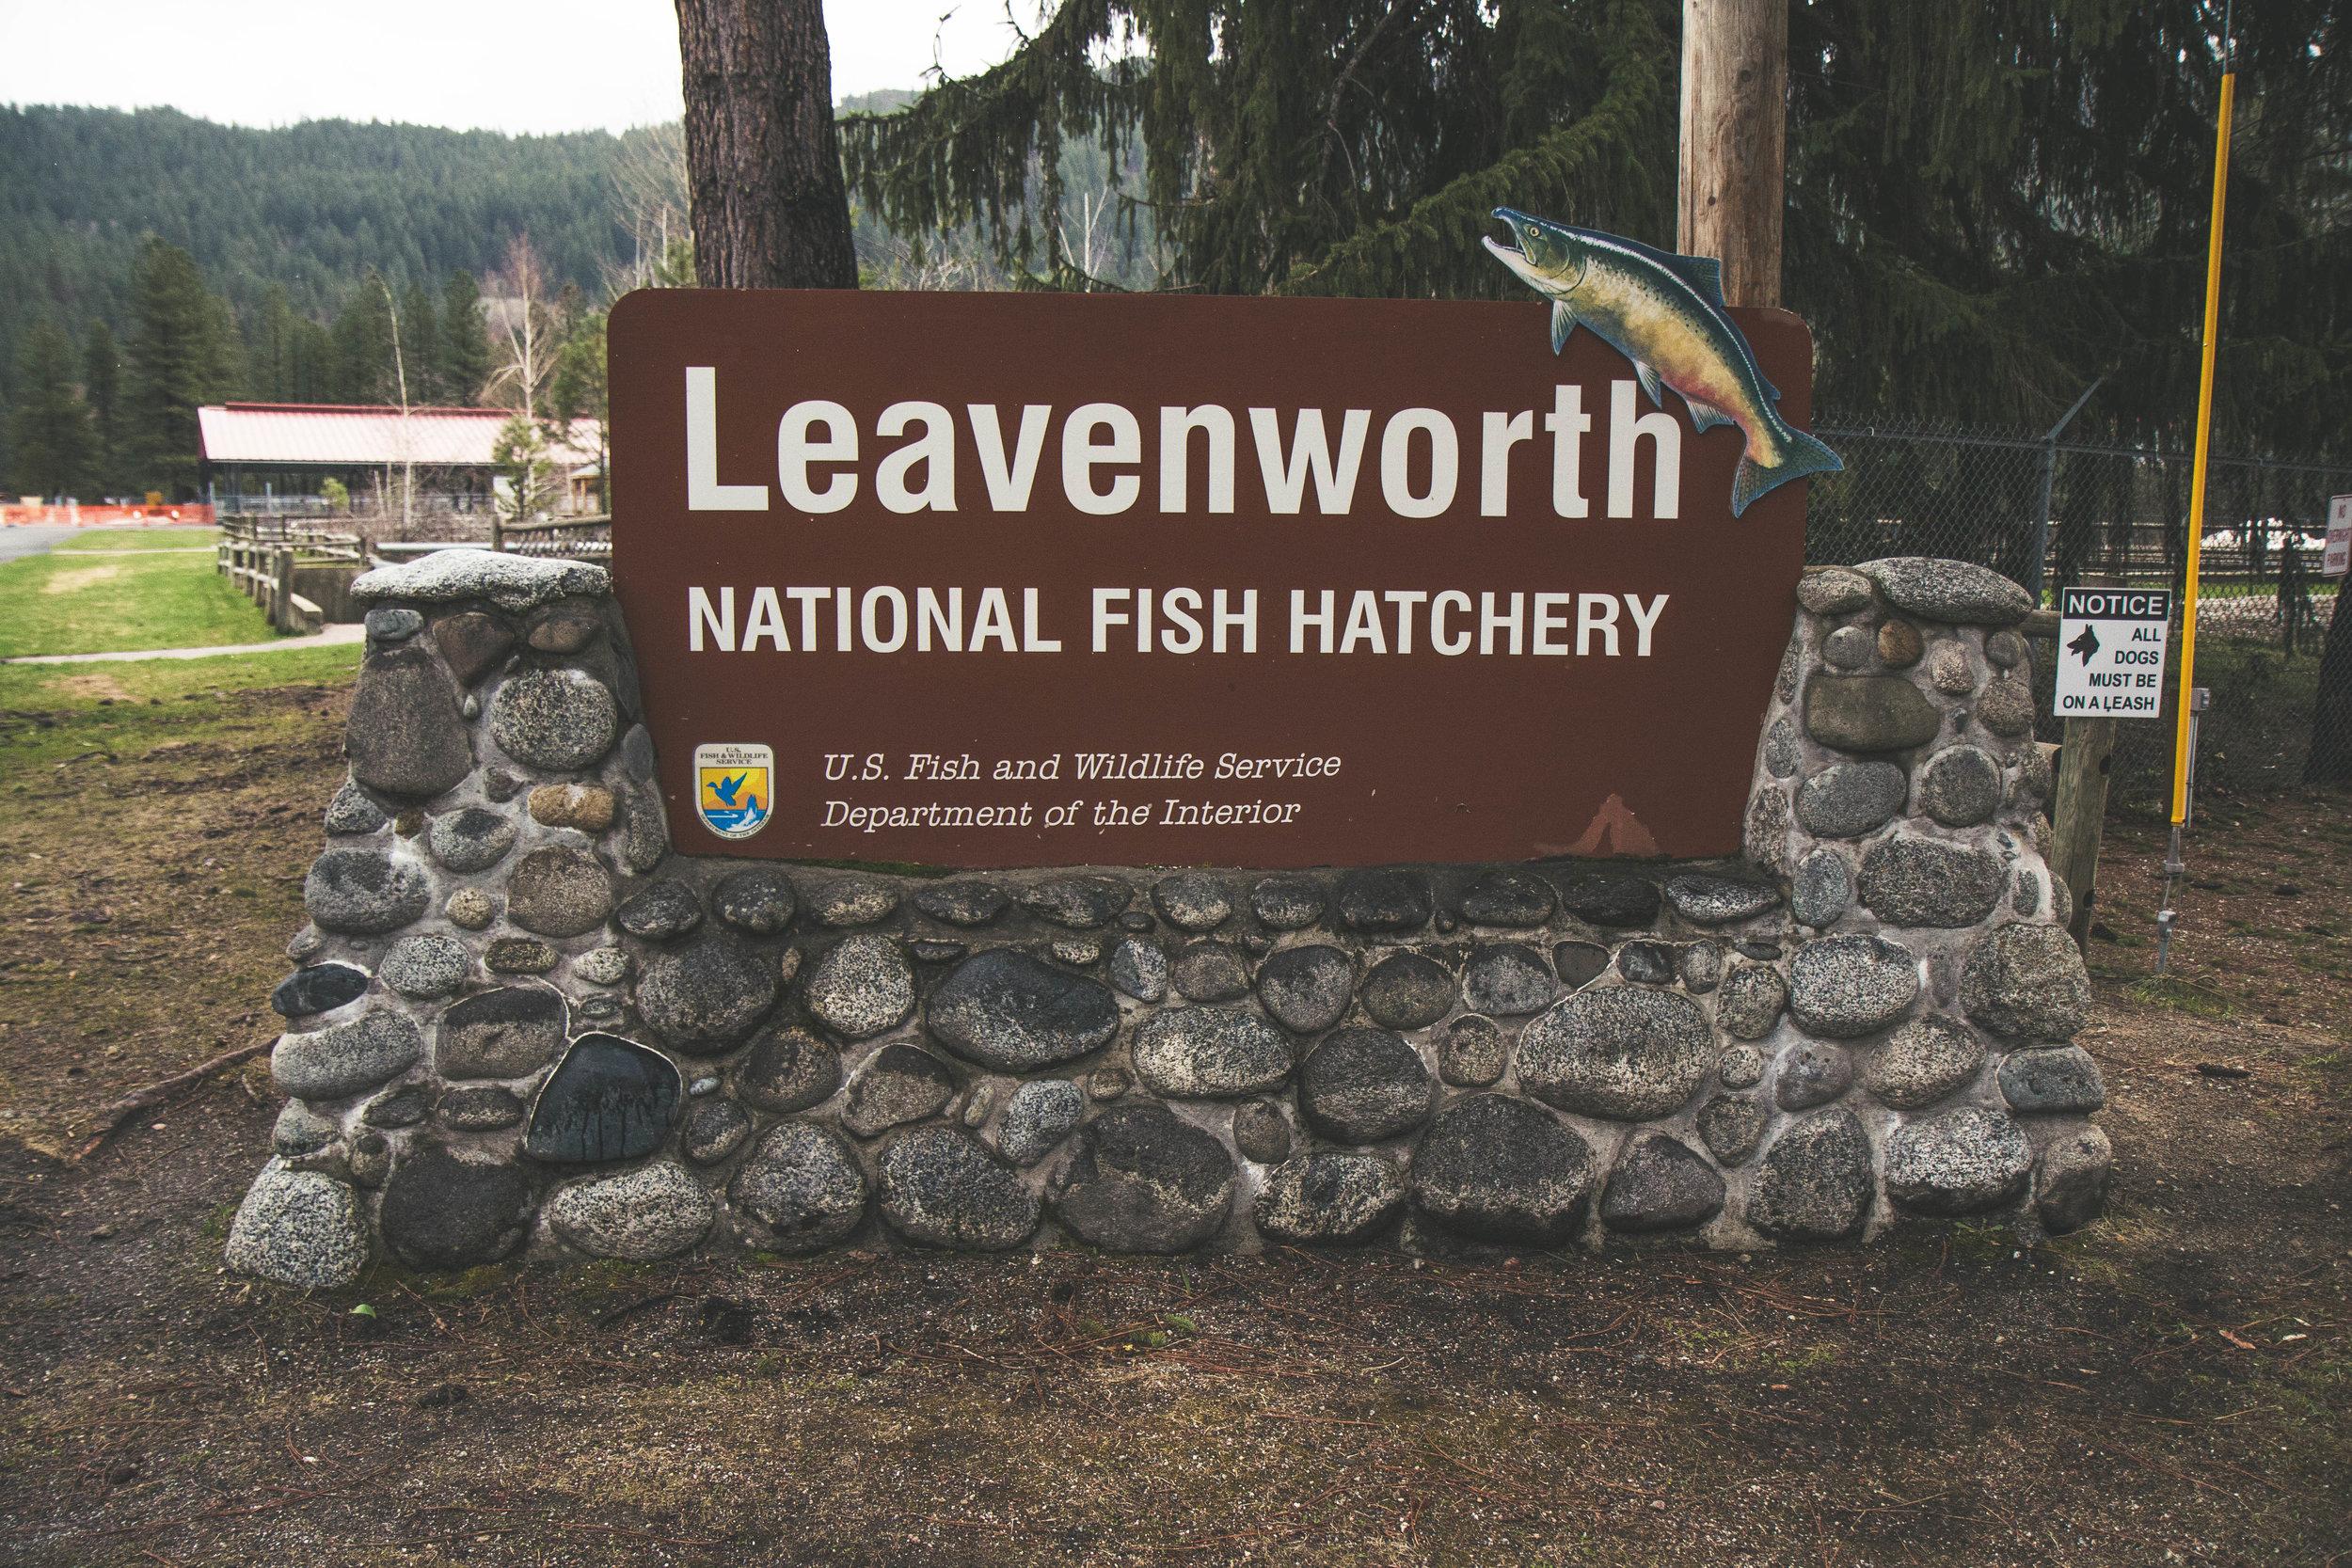 The National Fish Hatchery in Leavenworth, Washington.